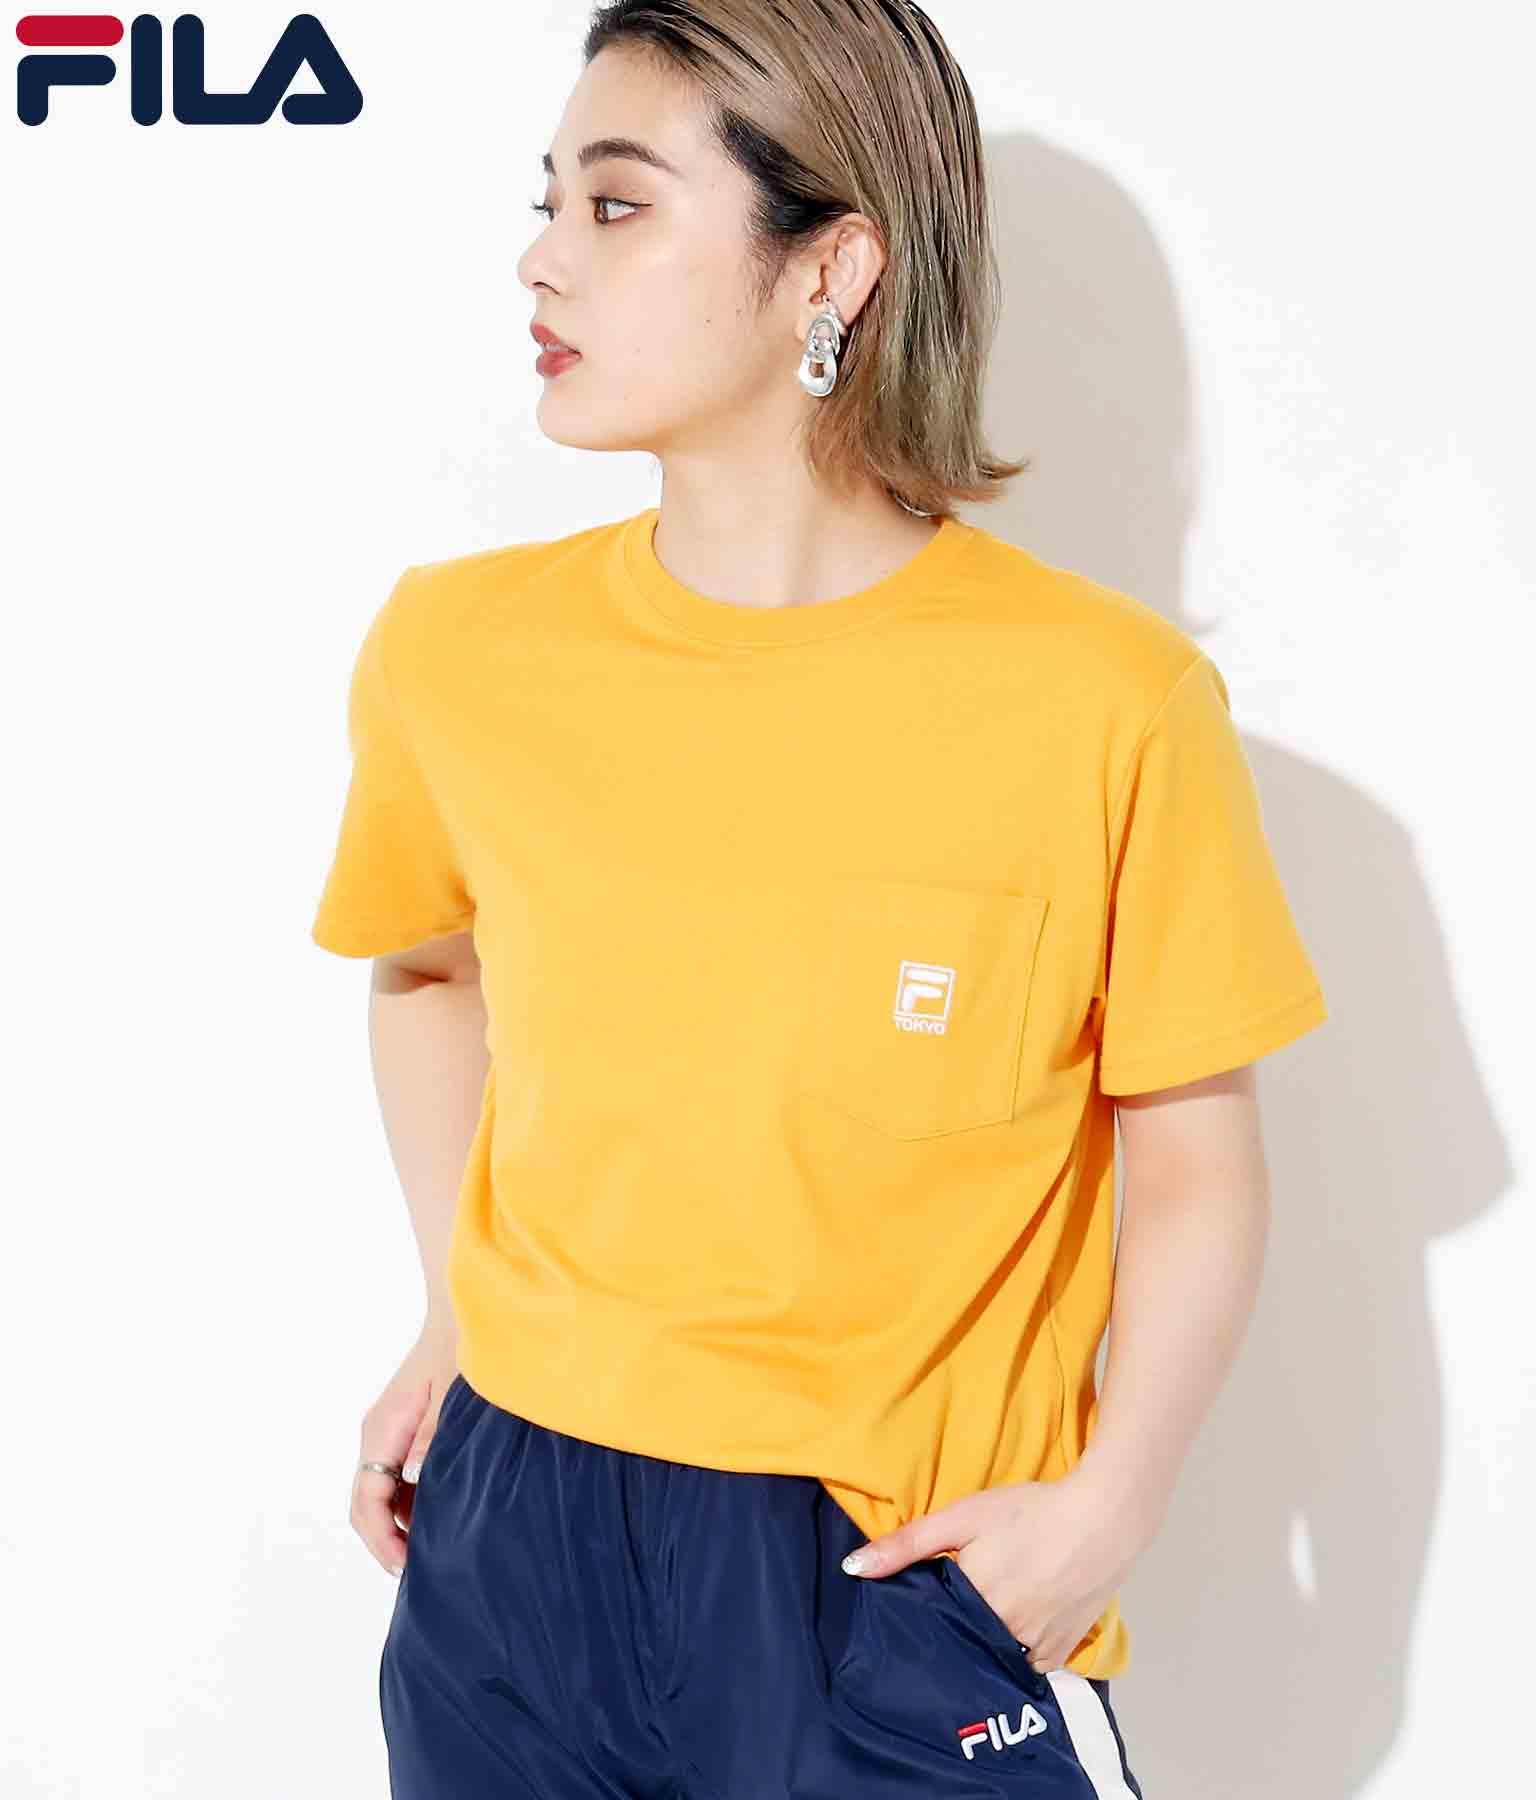 FILA ポケット付きTシャツ